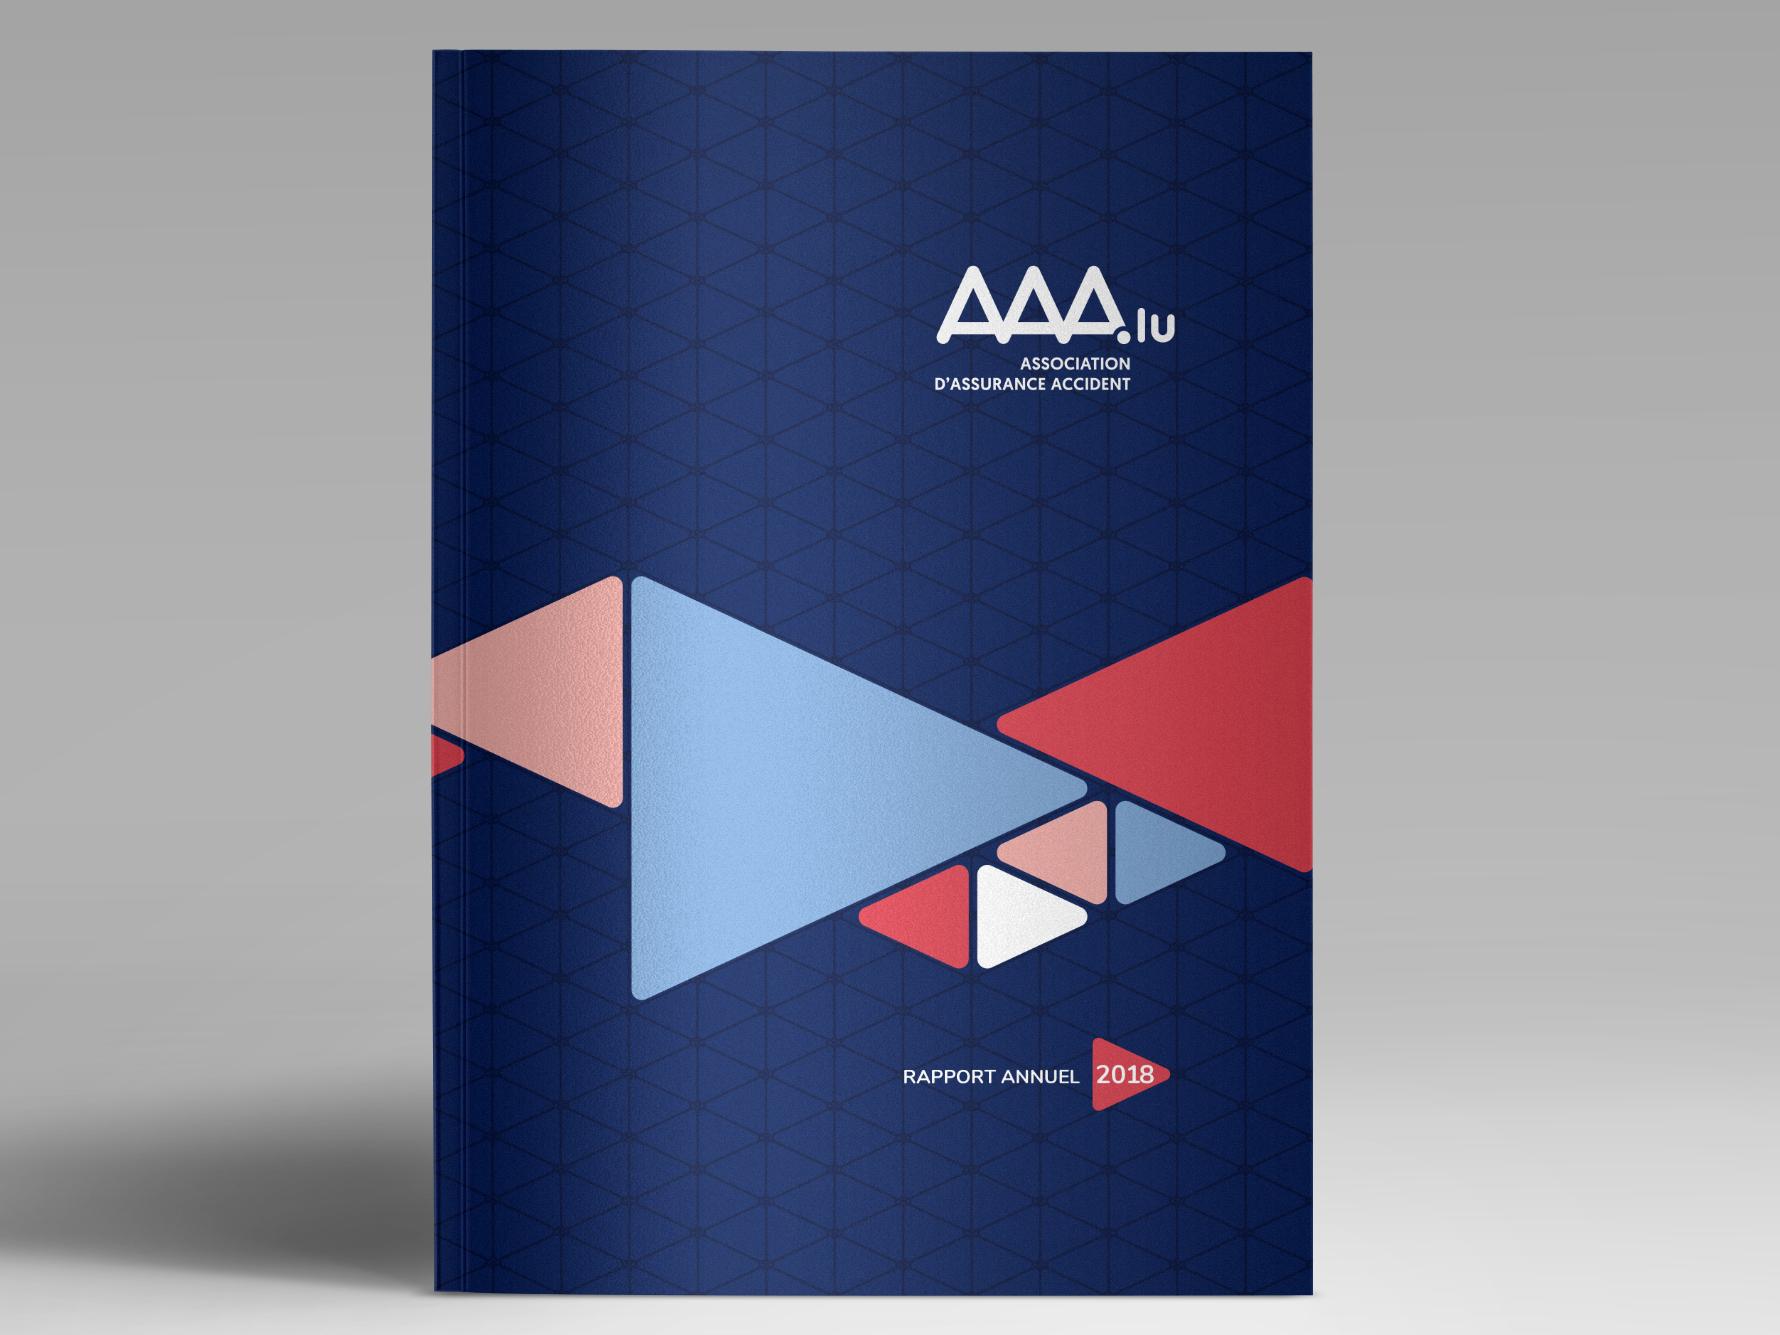 Rapport annuel 2018 de l'AAA